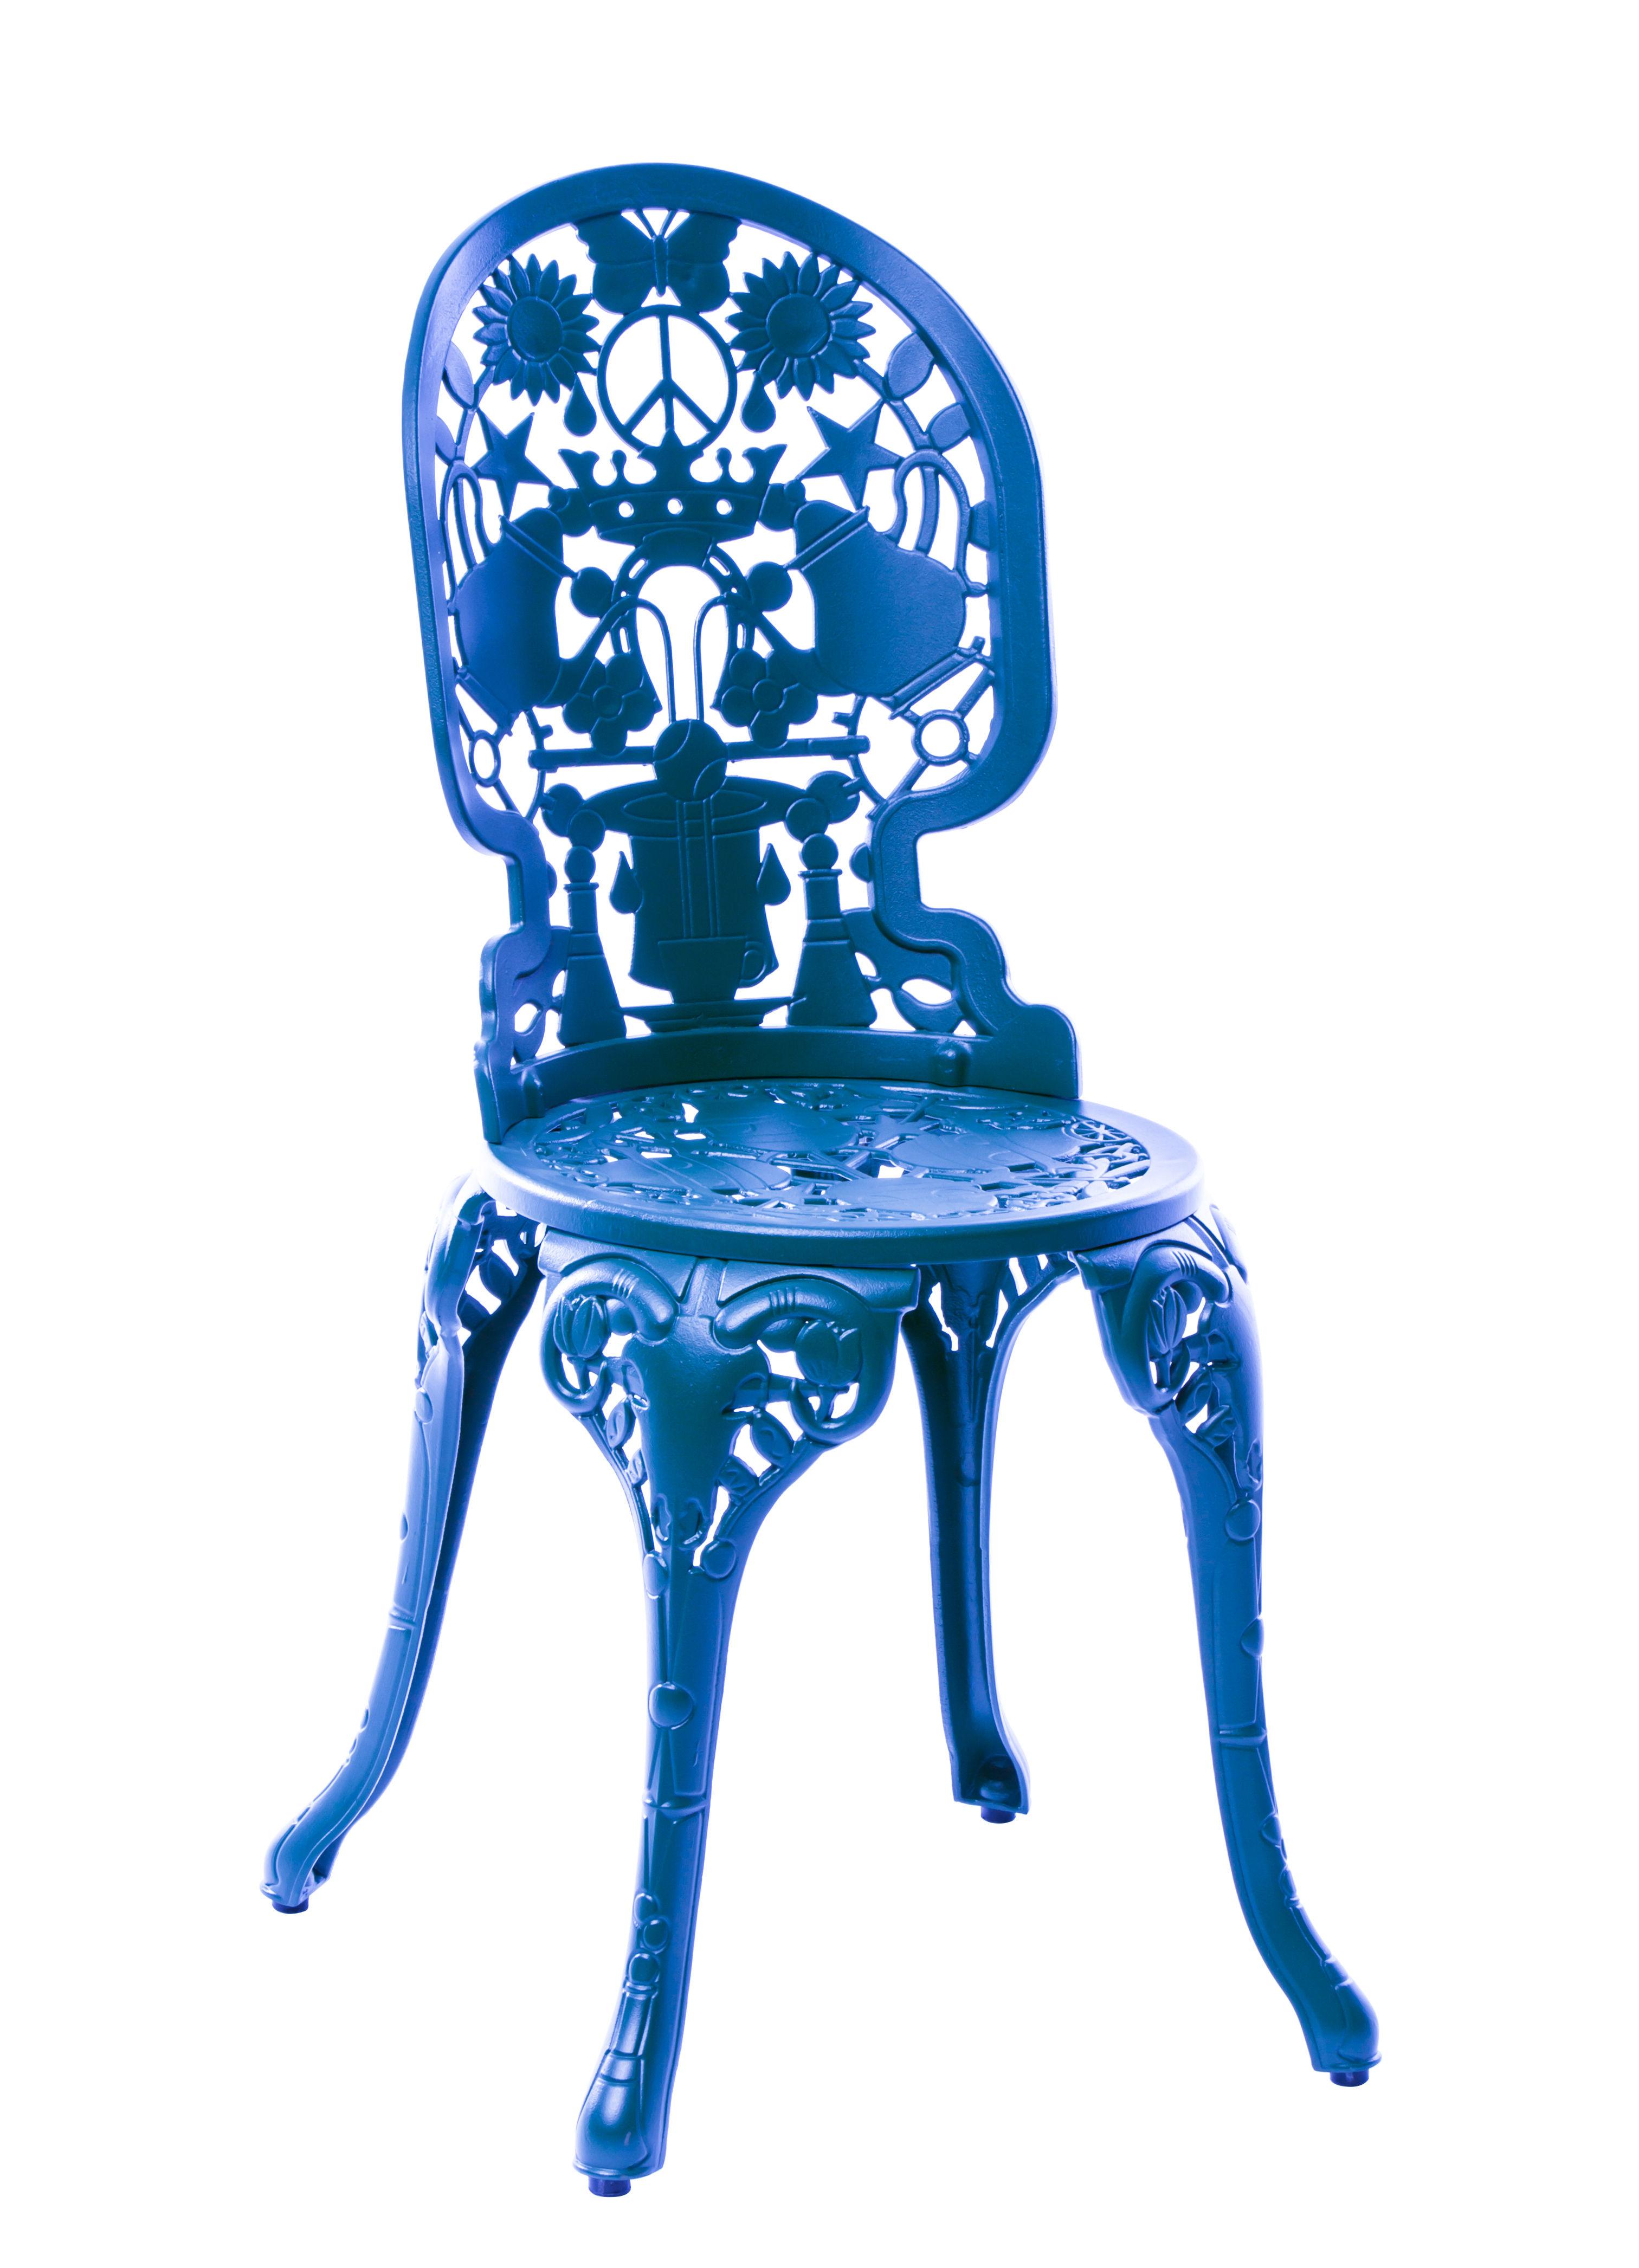 Mobilier - Chaises, fauteuils de salle à manger - Chaise Industry Garden / Métal ajouré - Seletti - Bleu ciel - Aluminium